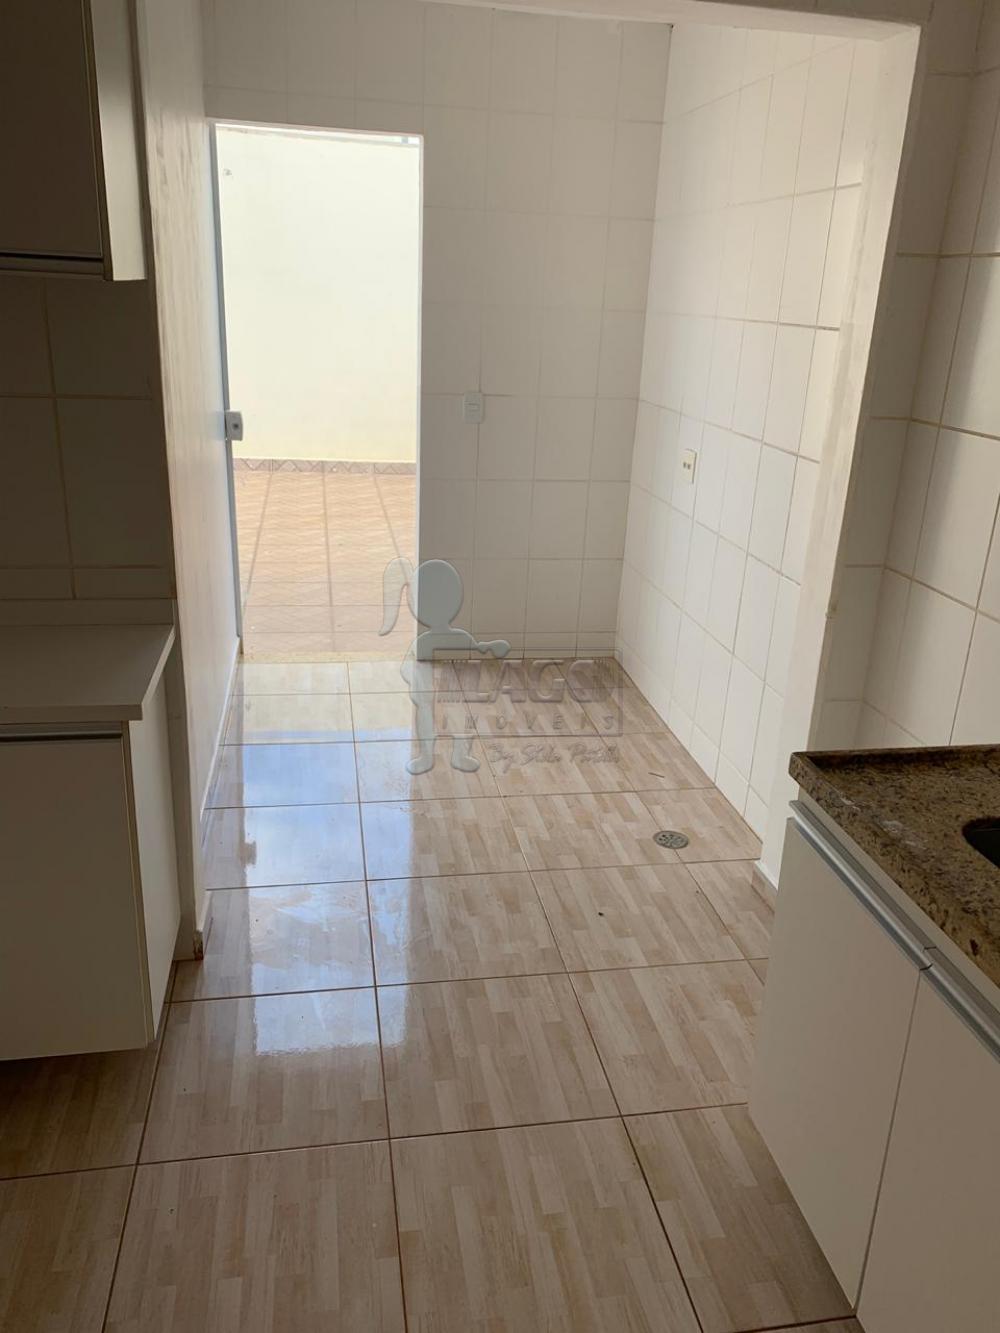 Comprar Casas / Condomínio em Ribeirão Preto apenas R$ 460.000,00 - Foto 5